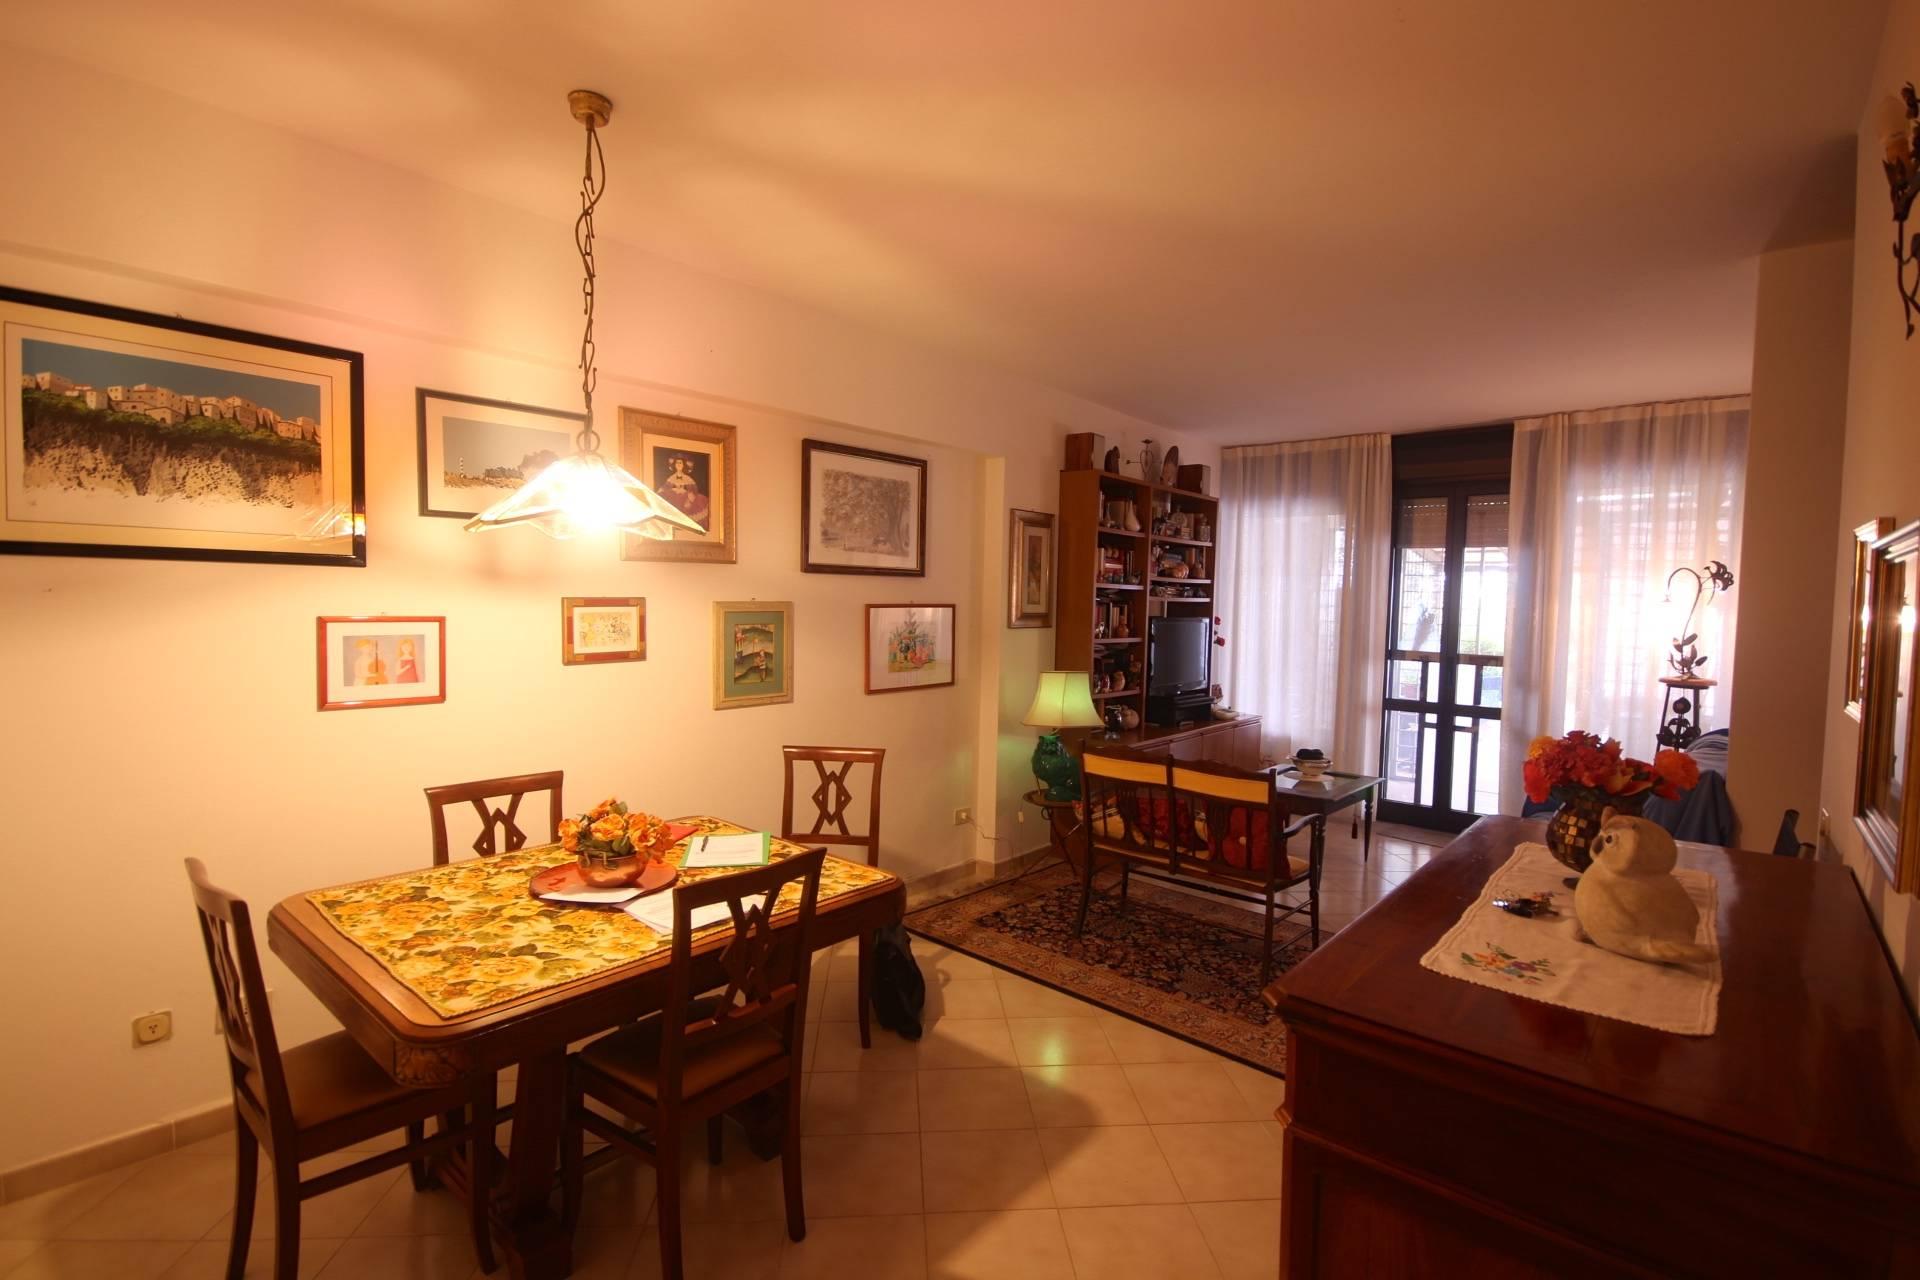 Appartamento in vendita a Capalbio, 6 locali, zona Località: BorgoCarige, prezzo € 260.000   PortaleAgenzieImmobiliari.it